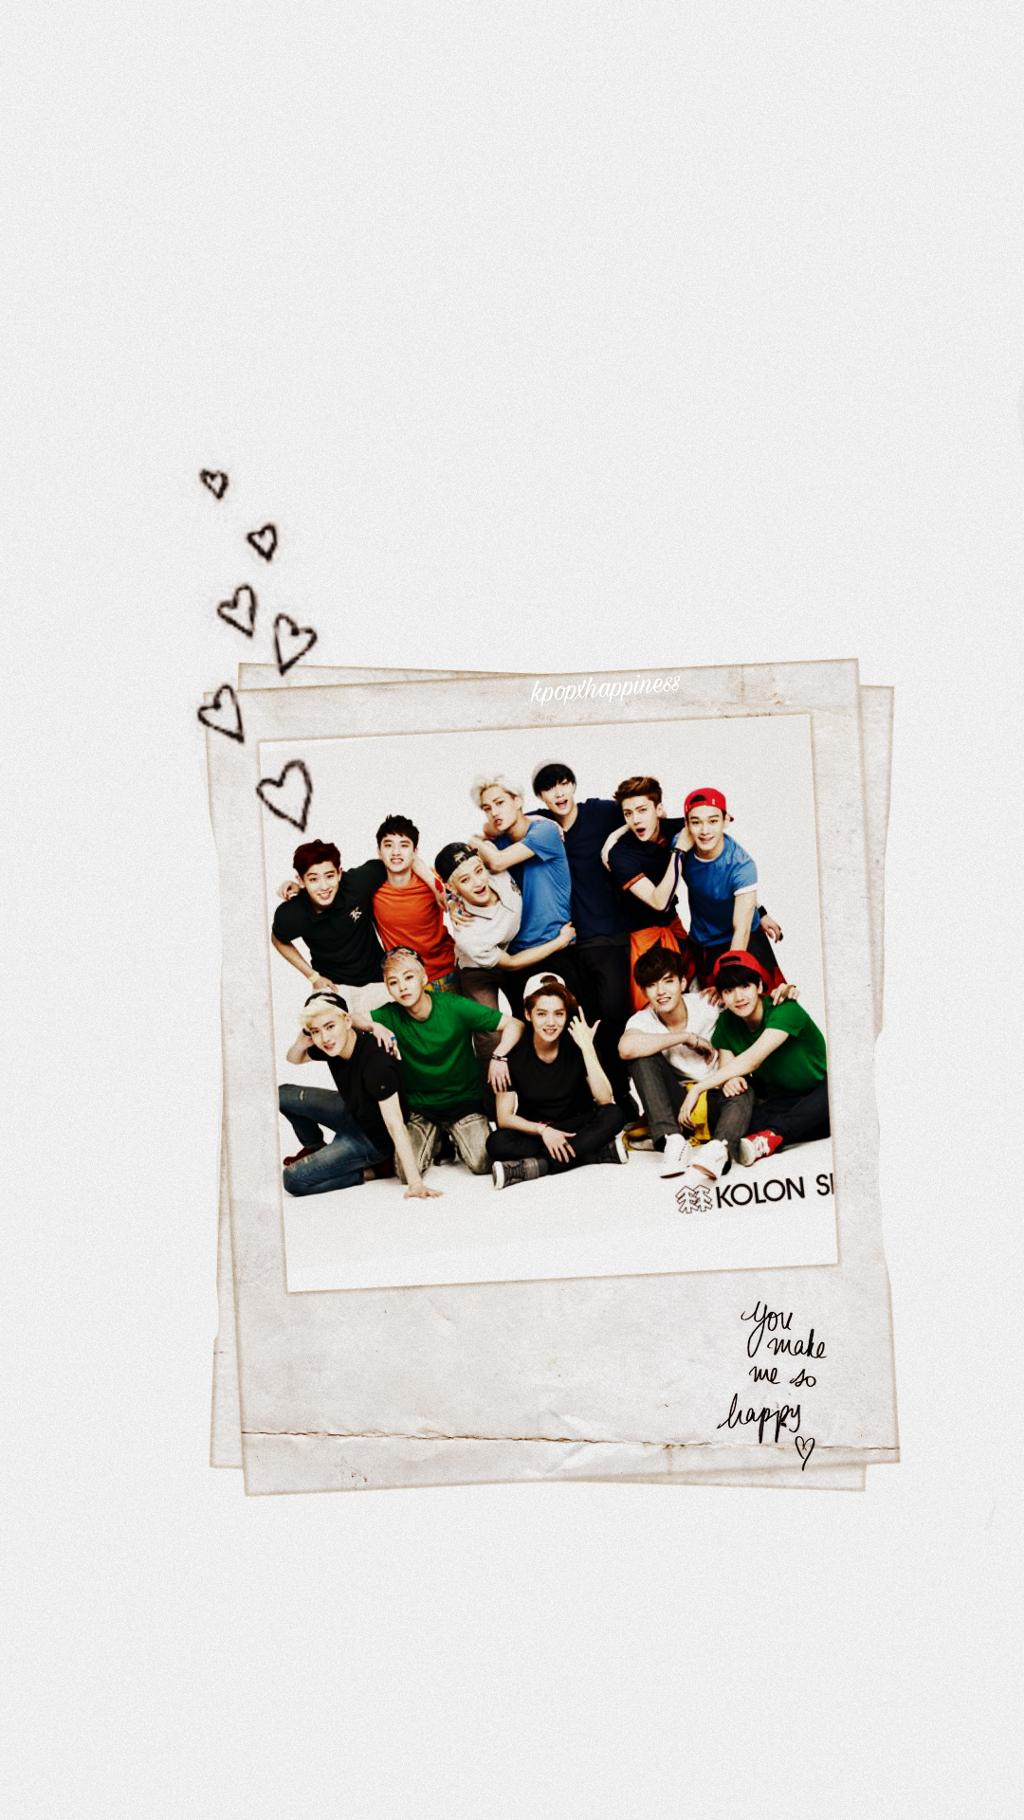 Exo Ot12 Lockscreen Image By Mau